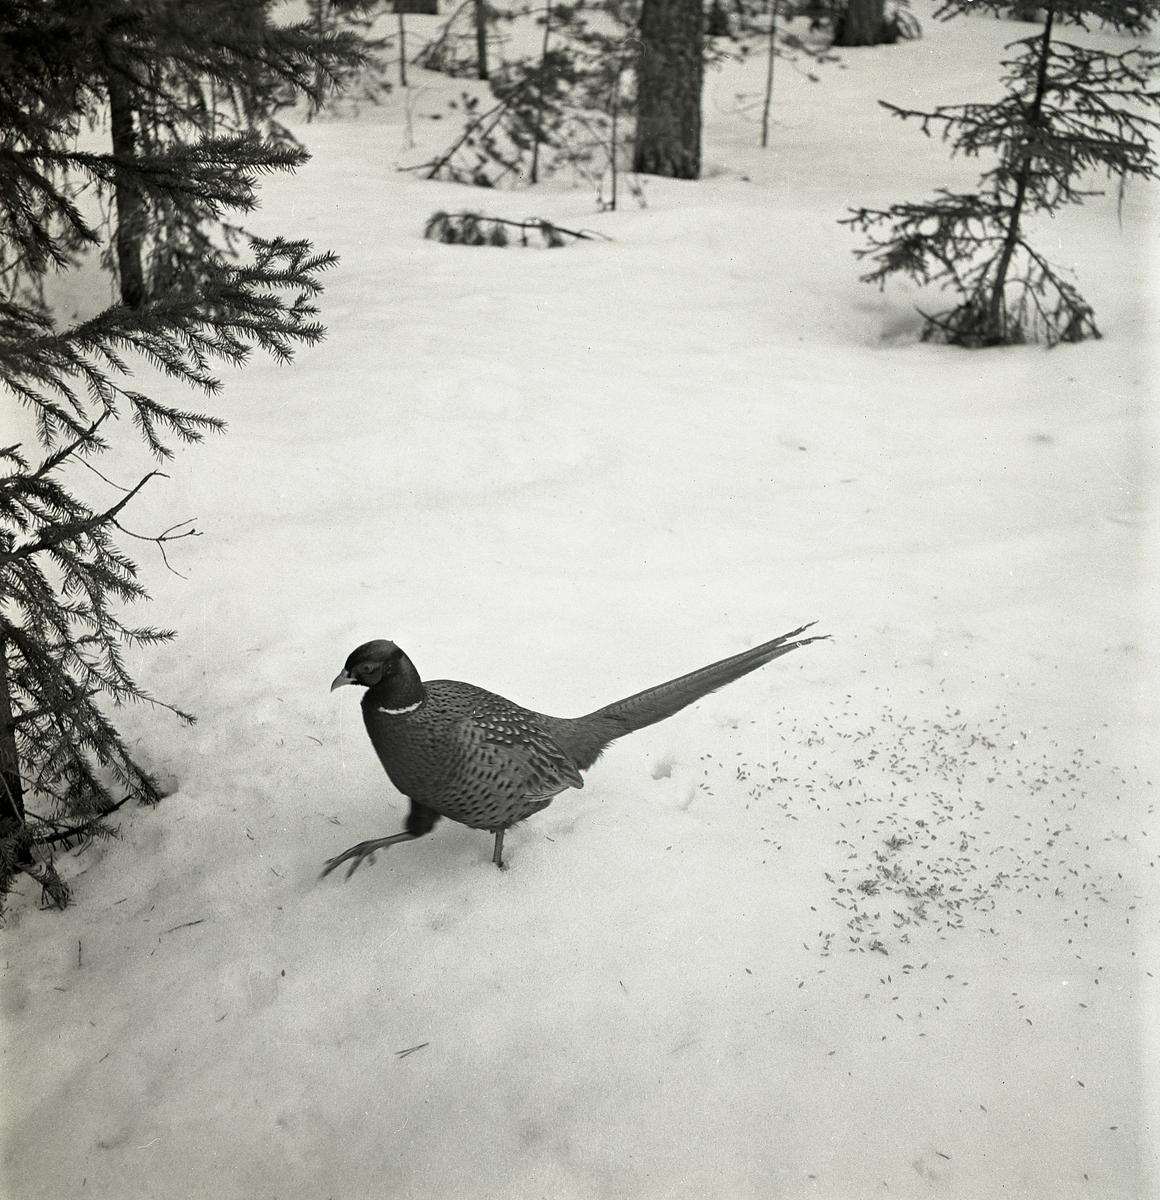 Med långa steg pulsar fasanen genom snön en aprildag 1951 i Glössbo. Bredvid fågeln ligger havrekorn utkastade som inte kommit från omgivande skogsväxtligheten av gran och tall. Troligen är det fotografen som försökt mata fasanen.